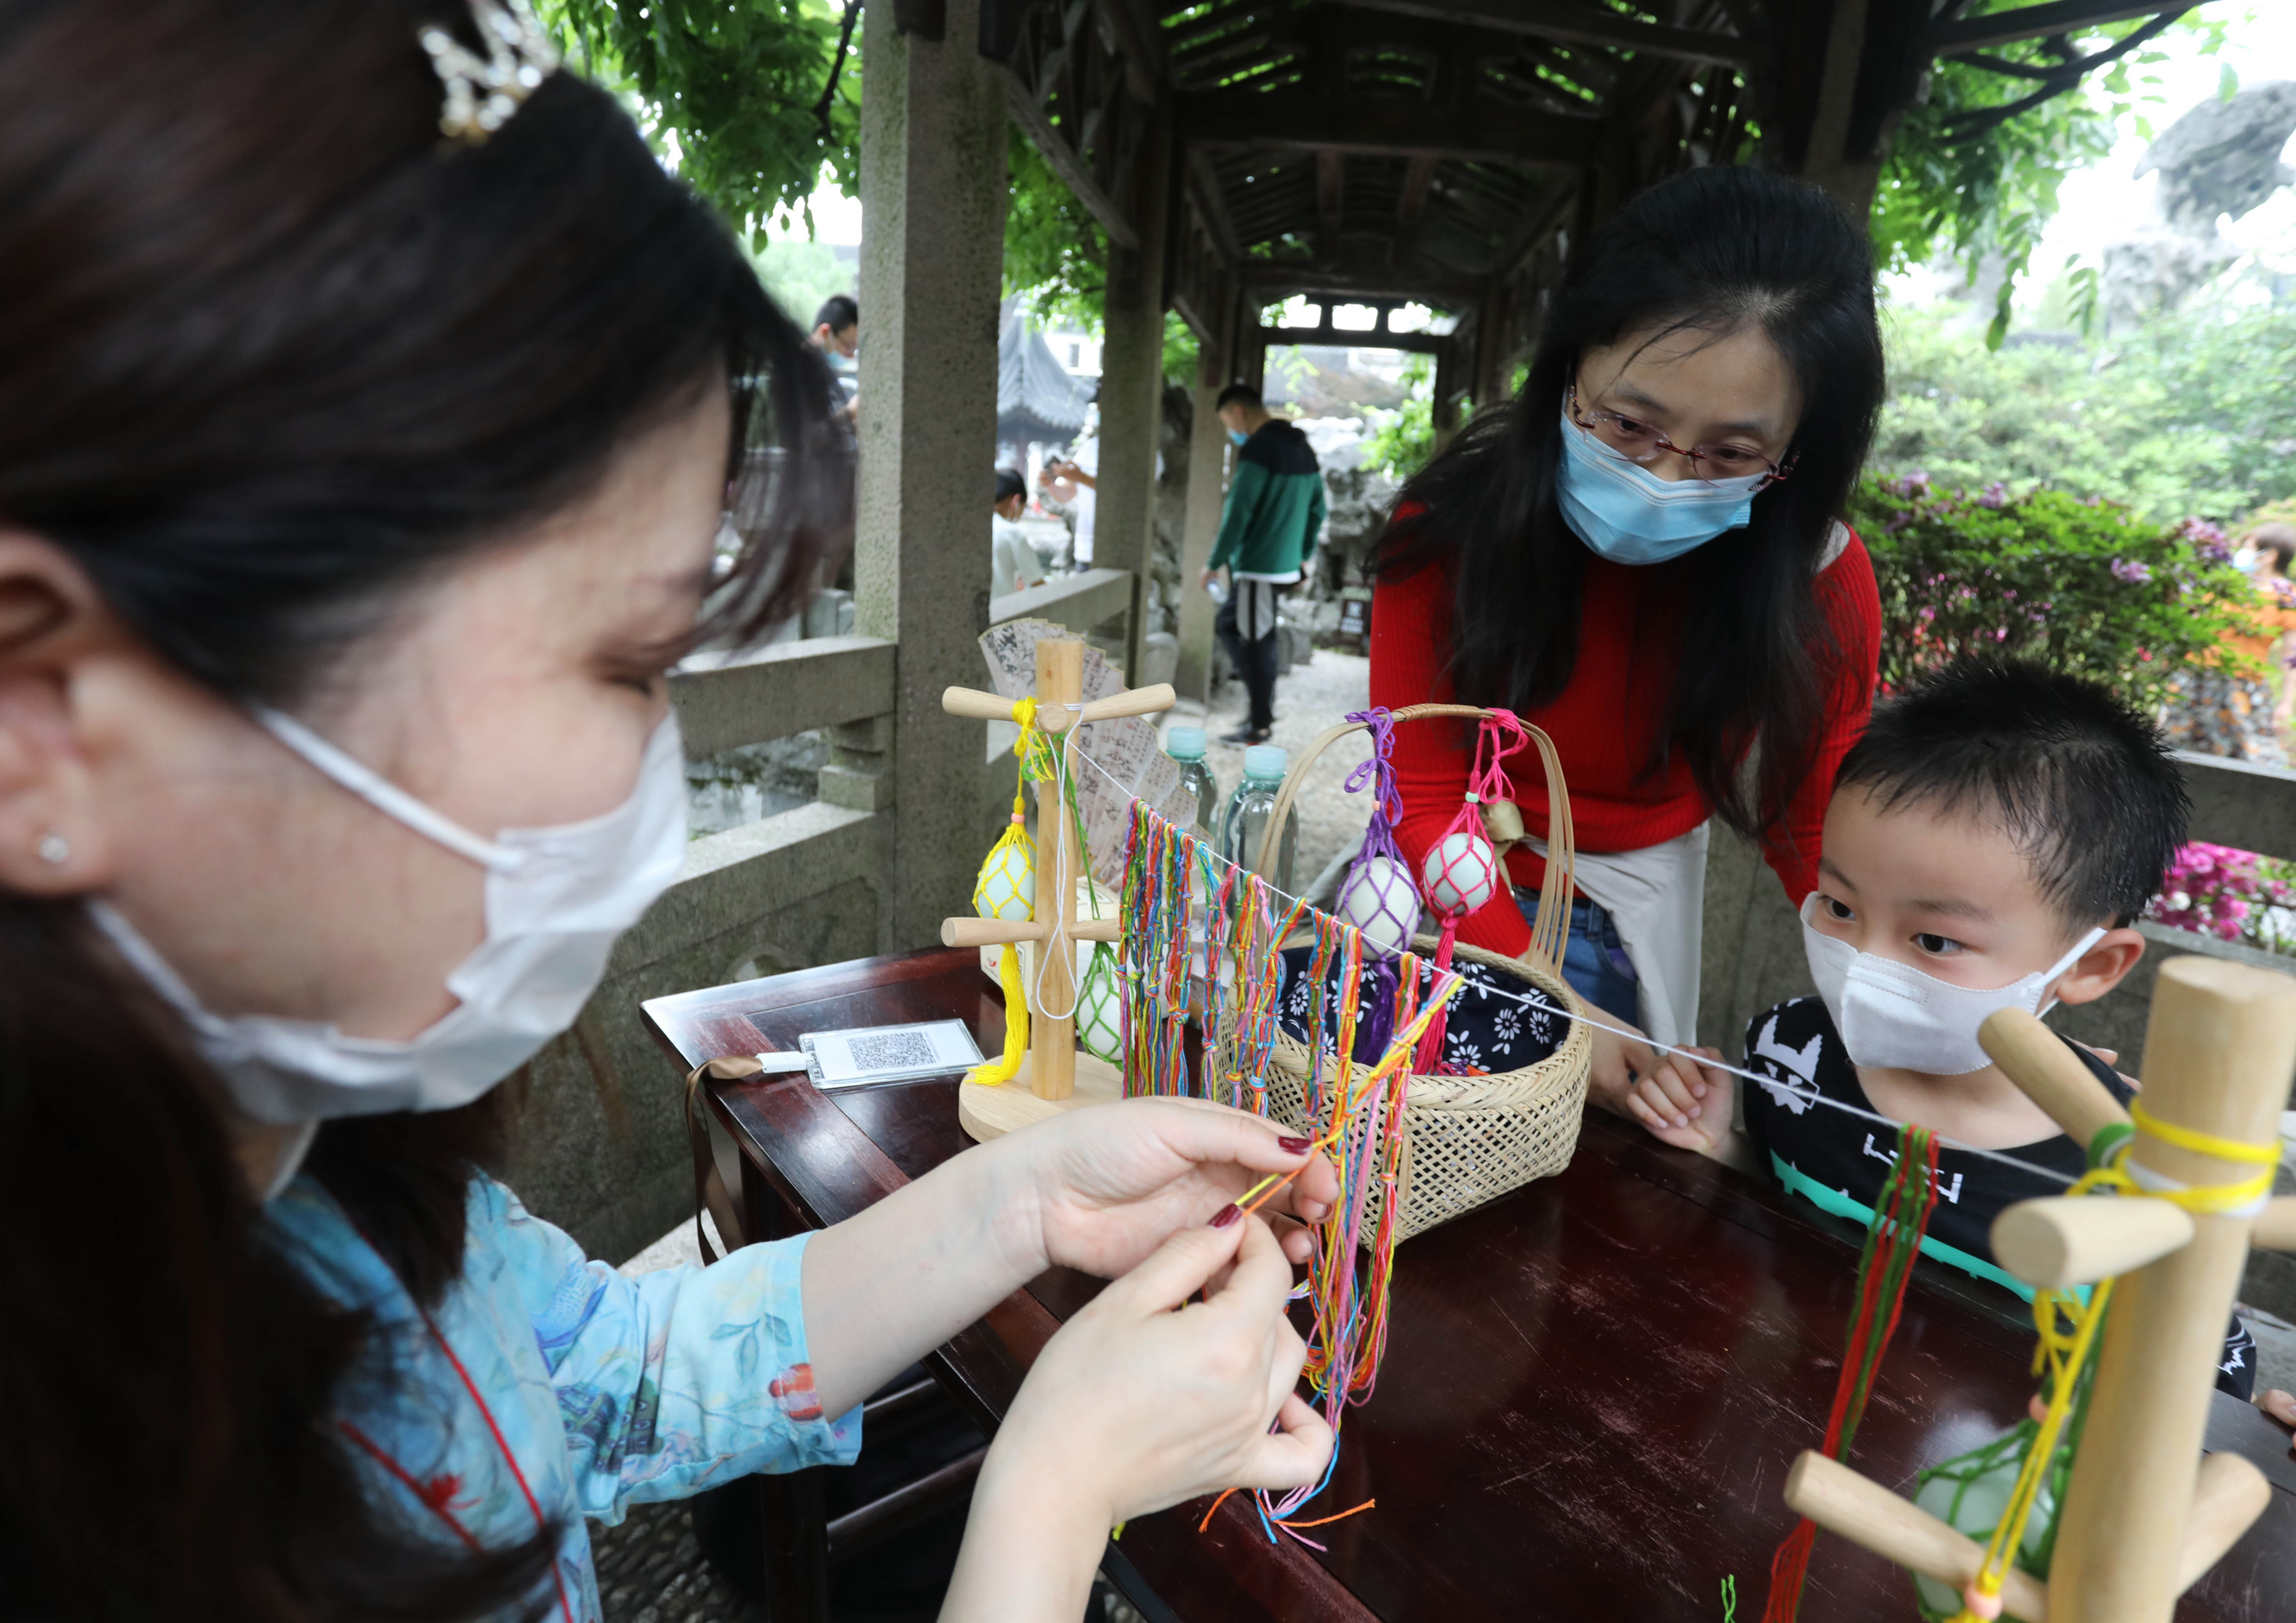 新华社照片,苏州(江苏),2020年5月5日 5月5日,游客在苏州古典园林狮子林观看工作人员编制蛋网。 新华社发(杭兴微摄)